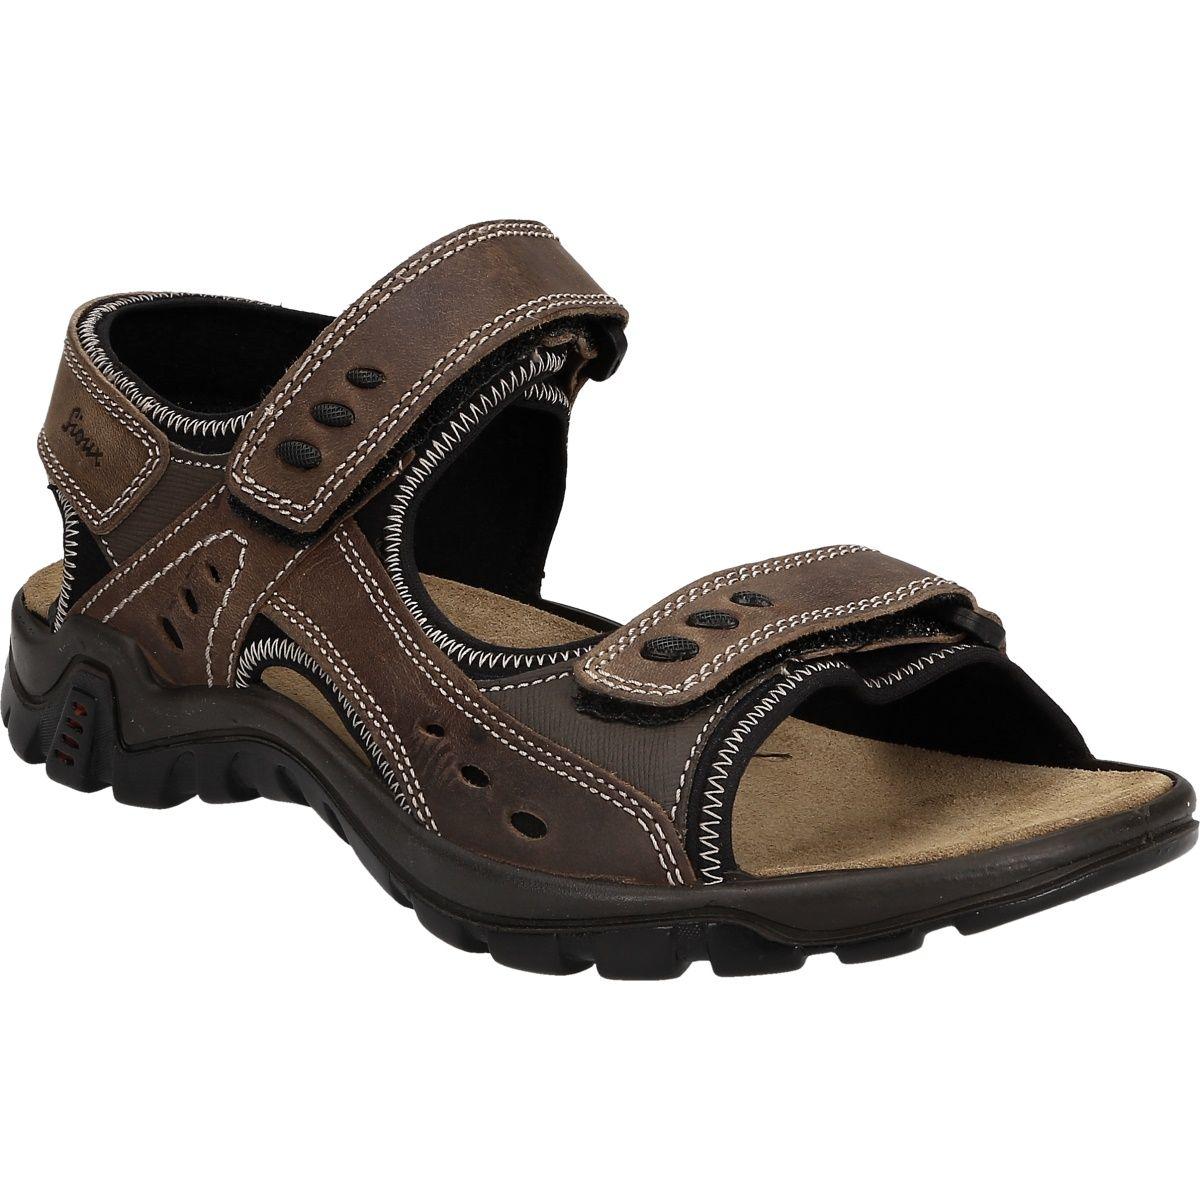 SIOUX »Upendaro 700« Sandale online kaufen | OTTO